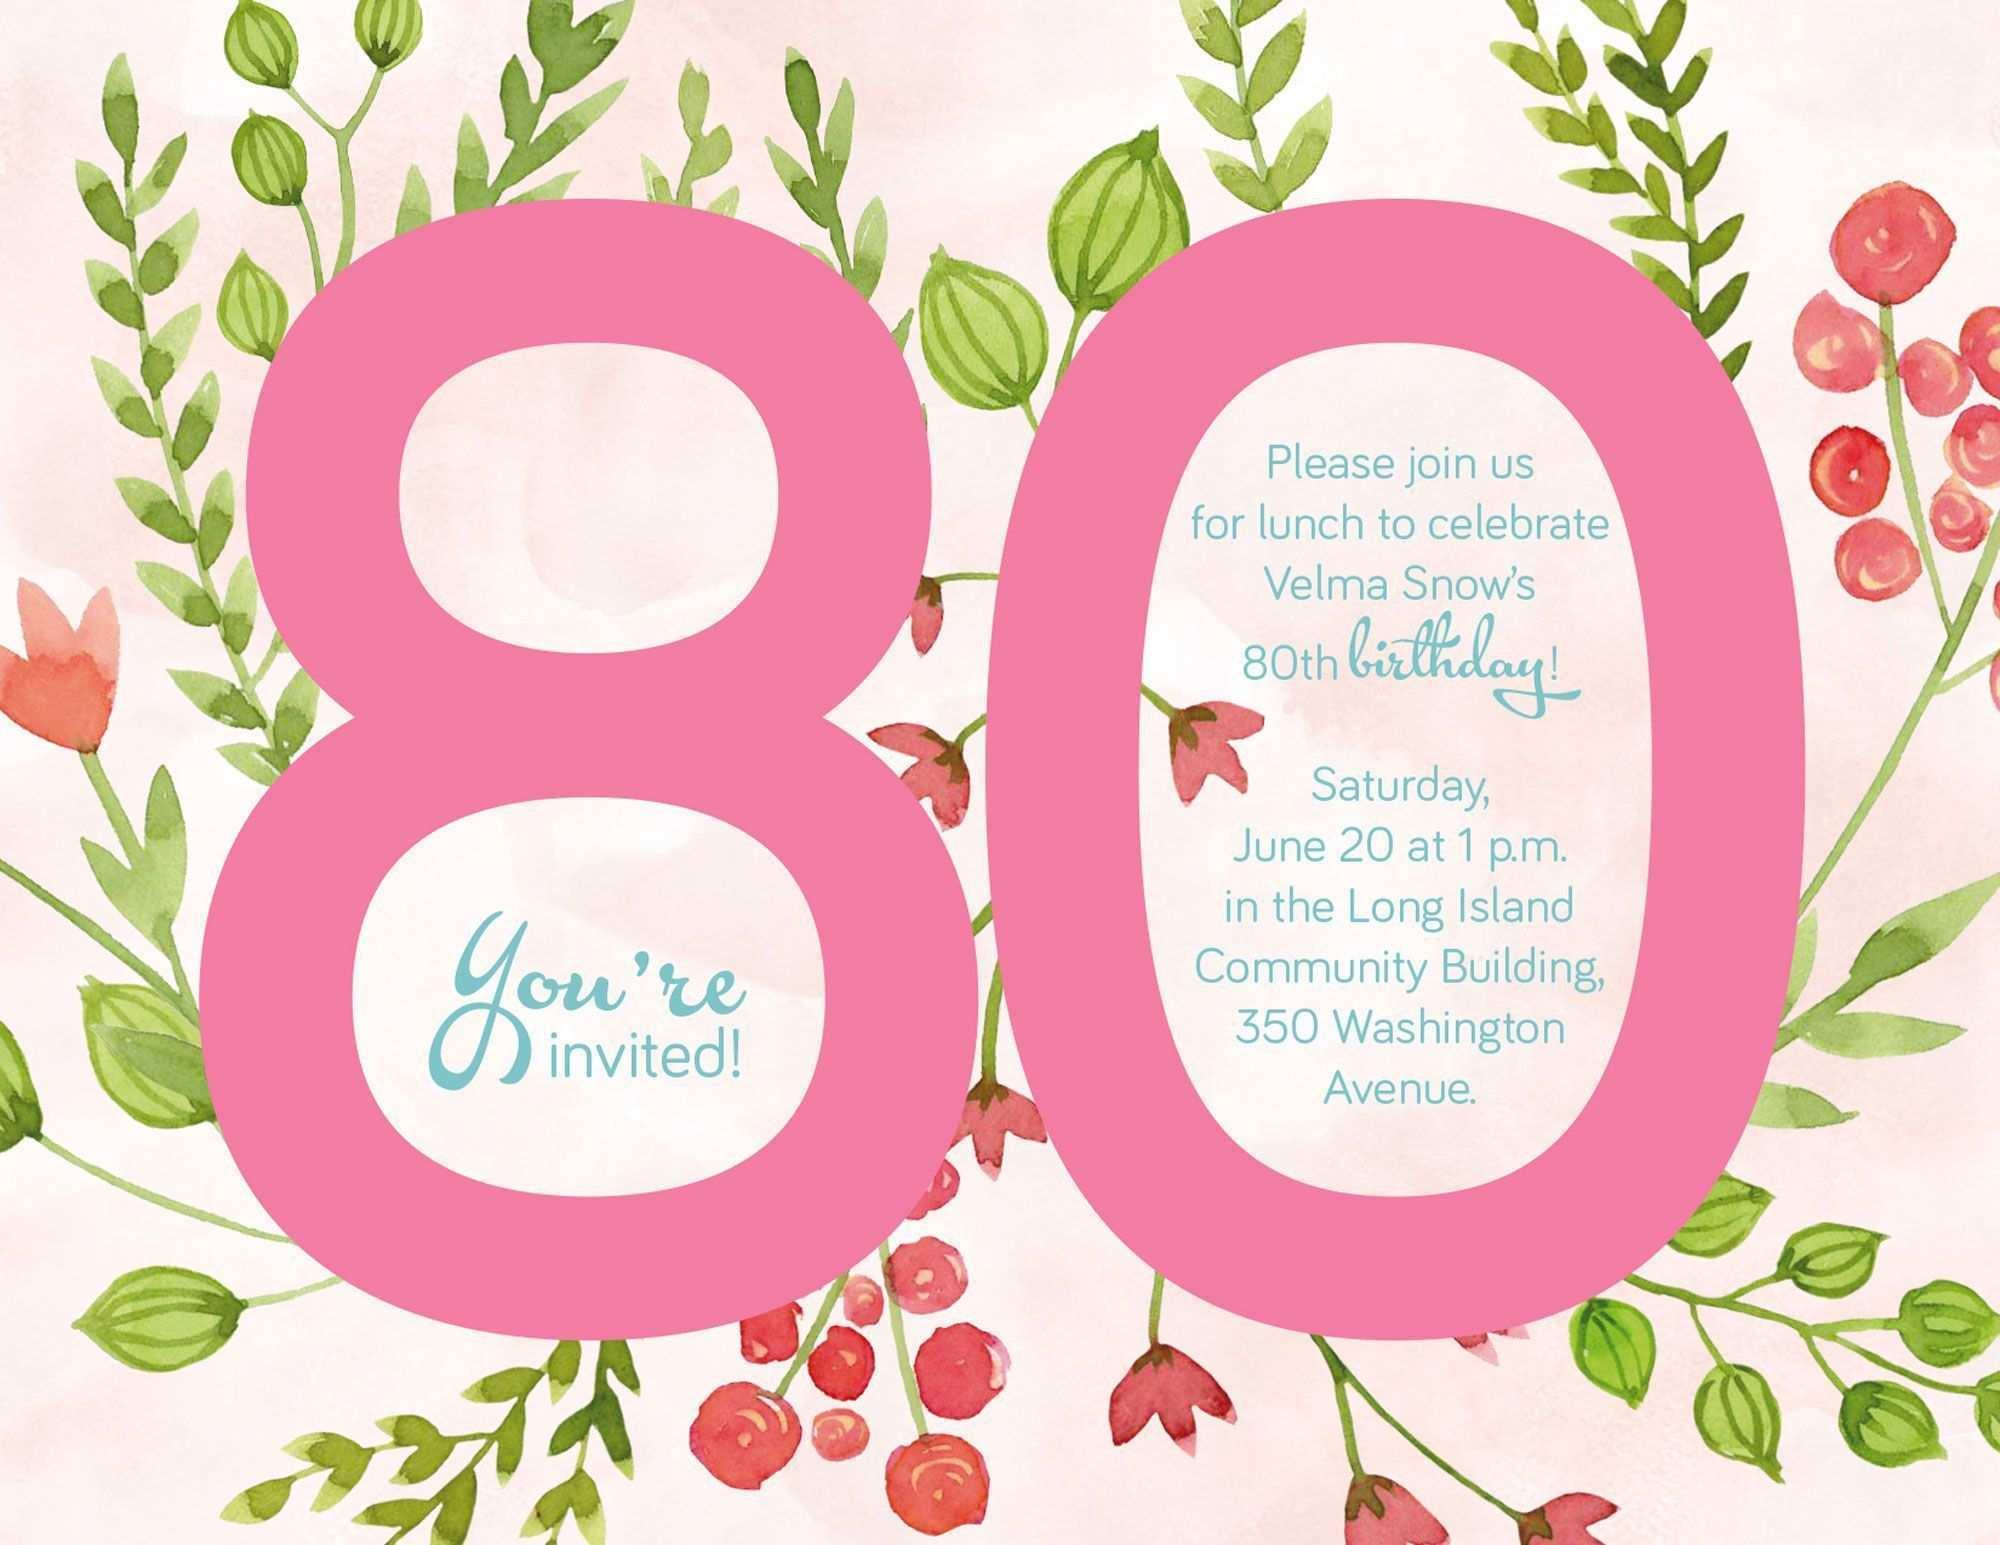 Einladung Zum 80 Geburtstag 80 Geburtstag Einladung Vorlage Kostenlos Einladung 80 Einladung 80 Geburtstag Geburtstag Einladung Vorlage Einladung Geburtstag